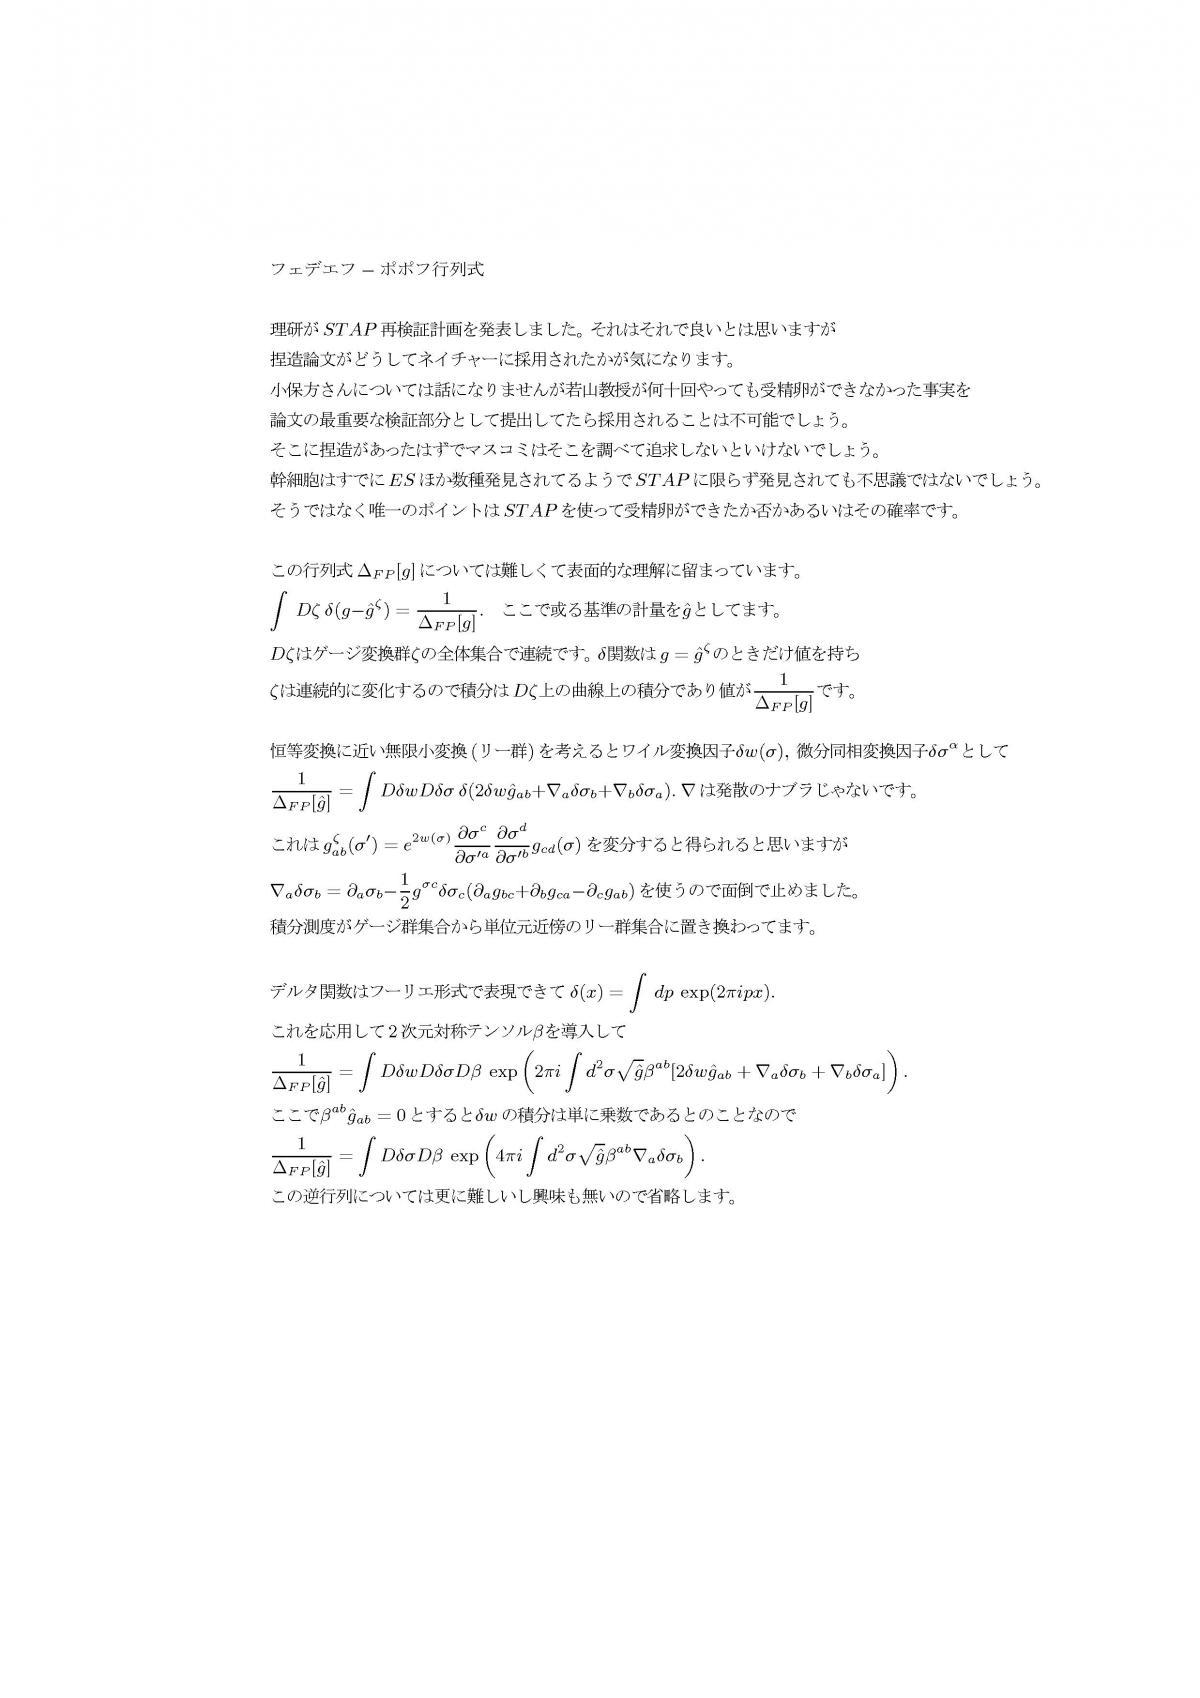 pgen13a.jpg